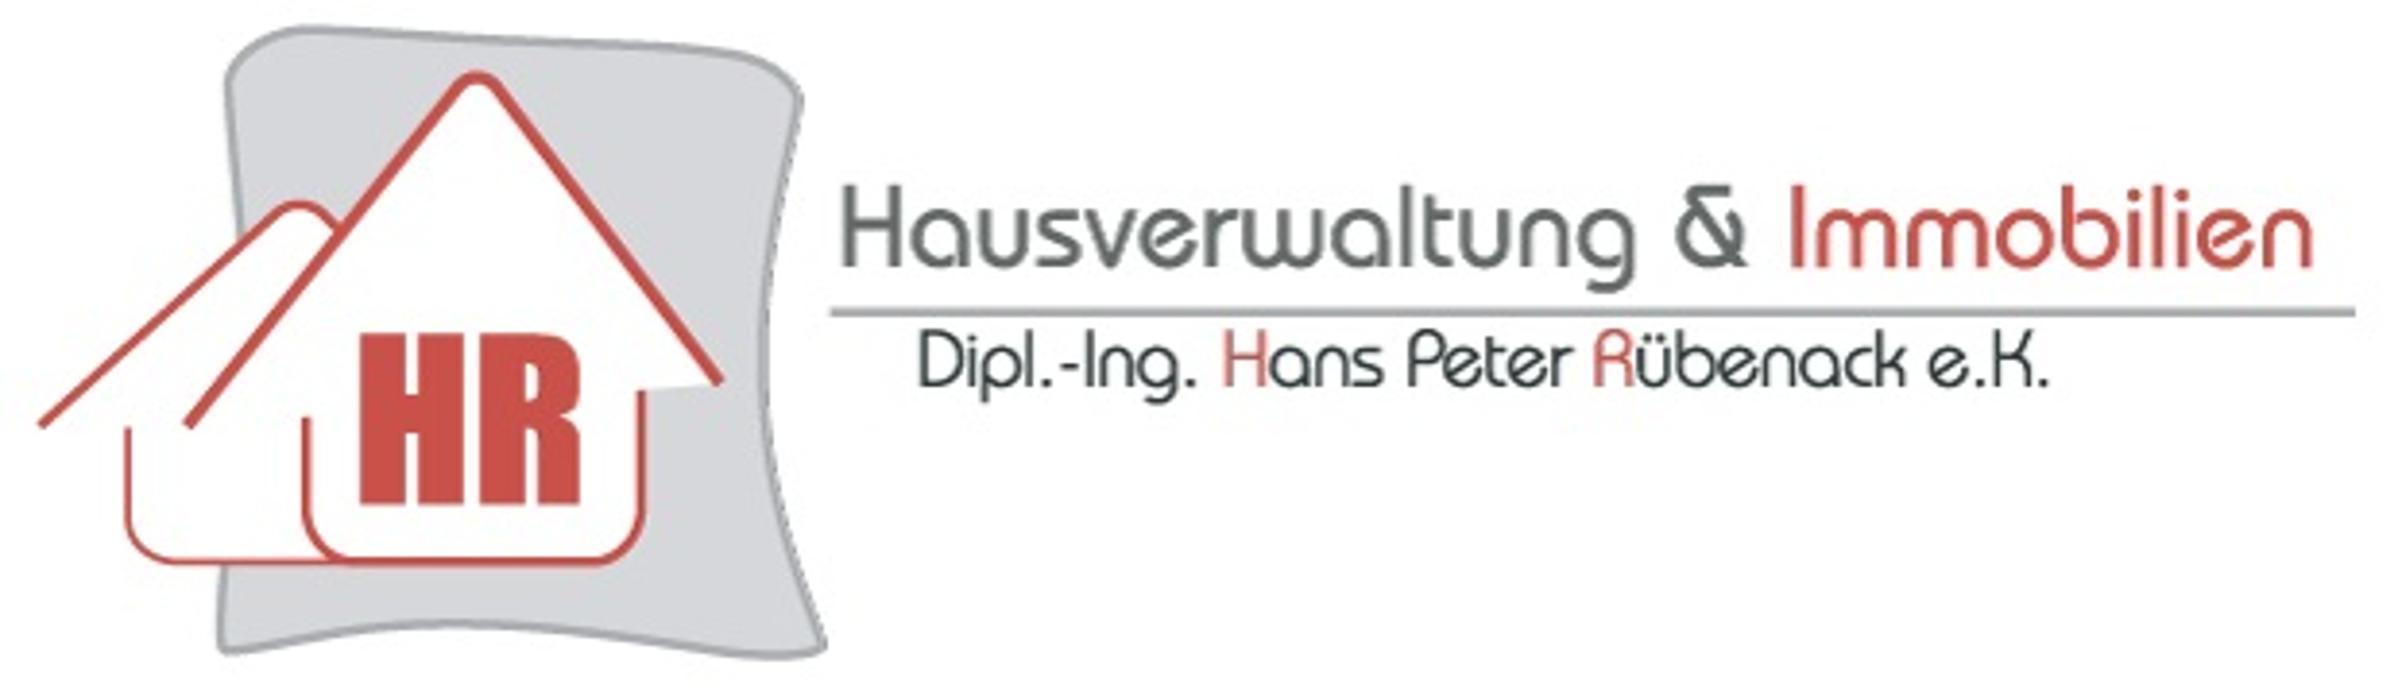 Bild zu HR Hausverwaltung & Immobilien Dipl.-Ing. Hans-Peter Rübenack e.K. in Nienburg an der Weser